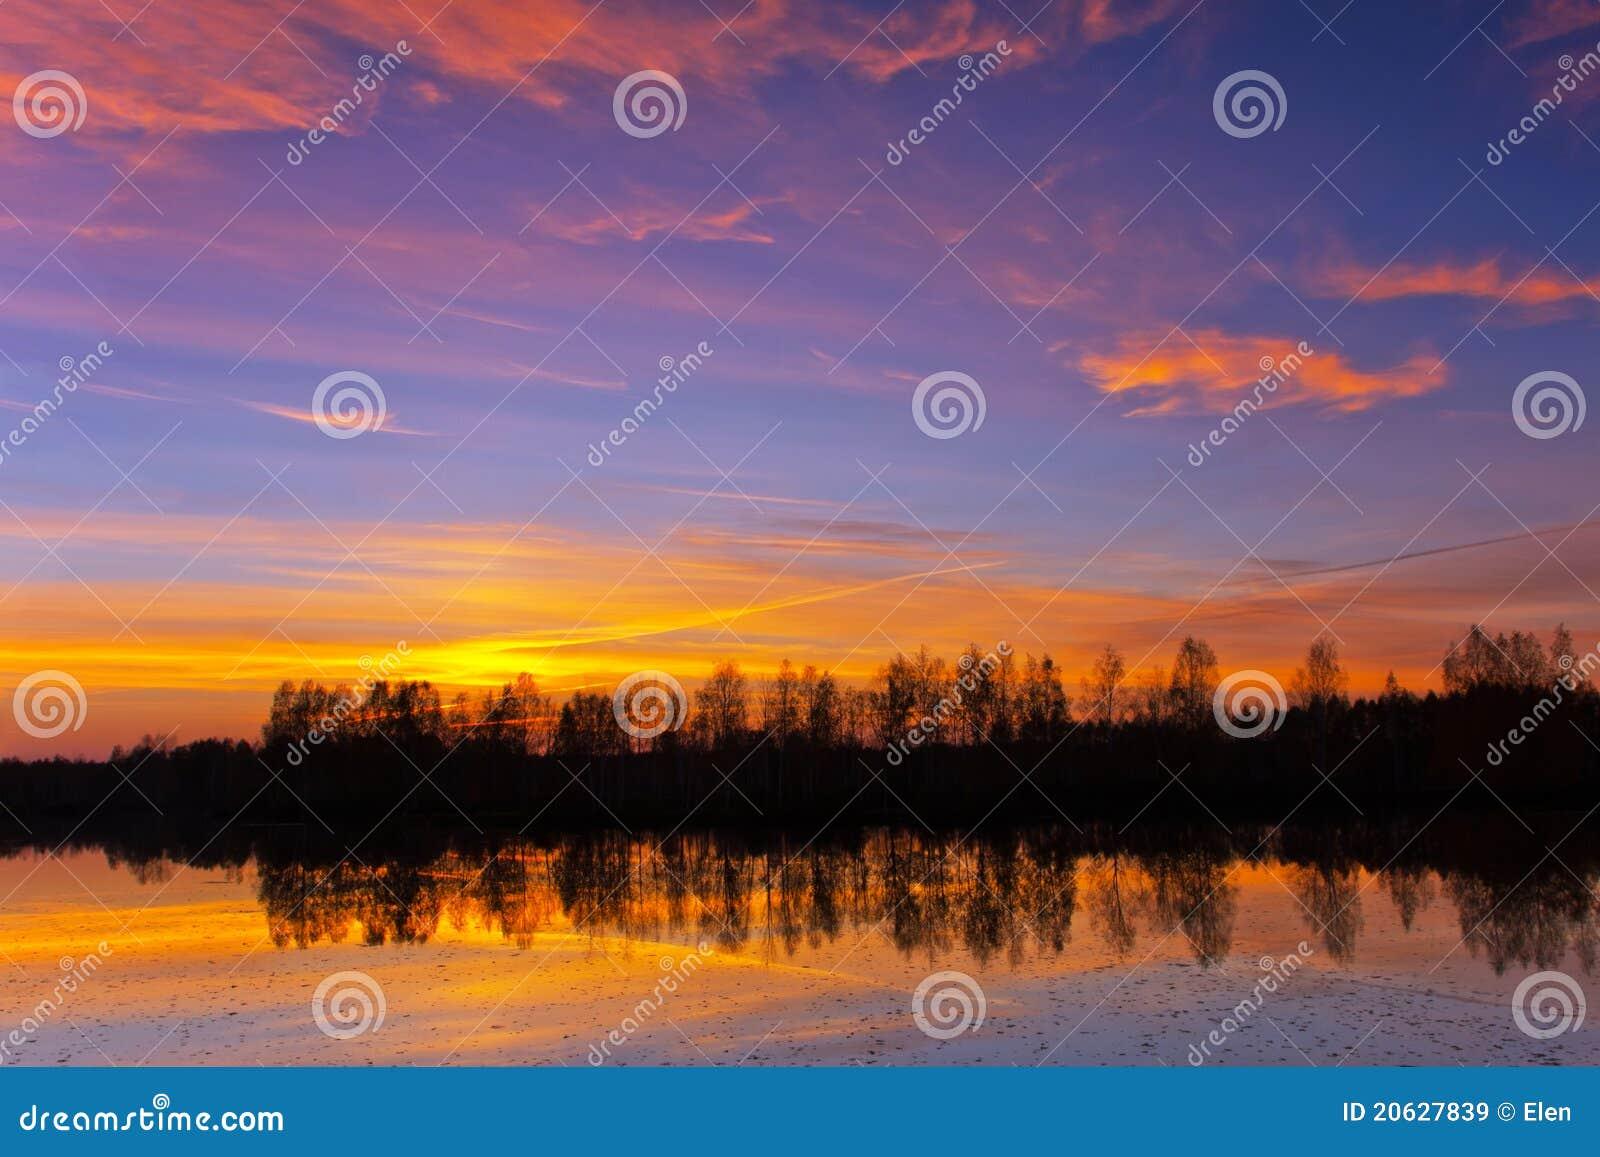 Schöne Natur, Sonnenuntergang auf dem Fluss